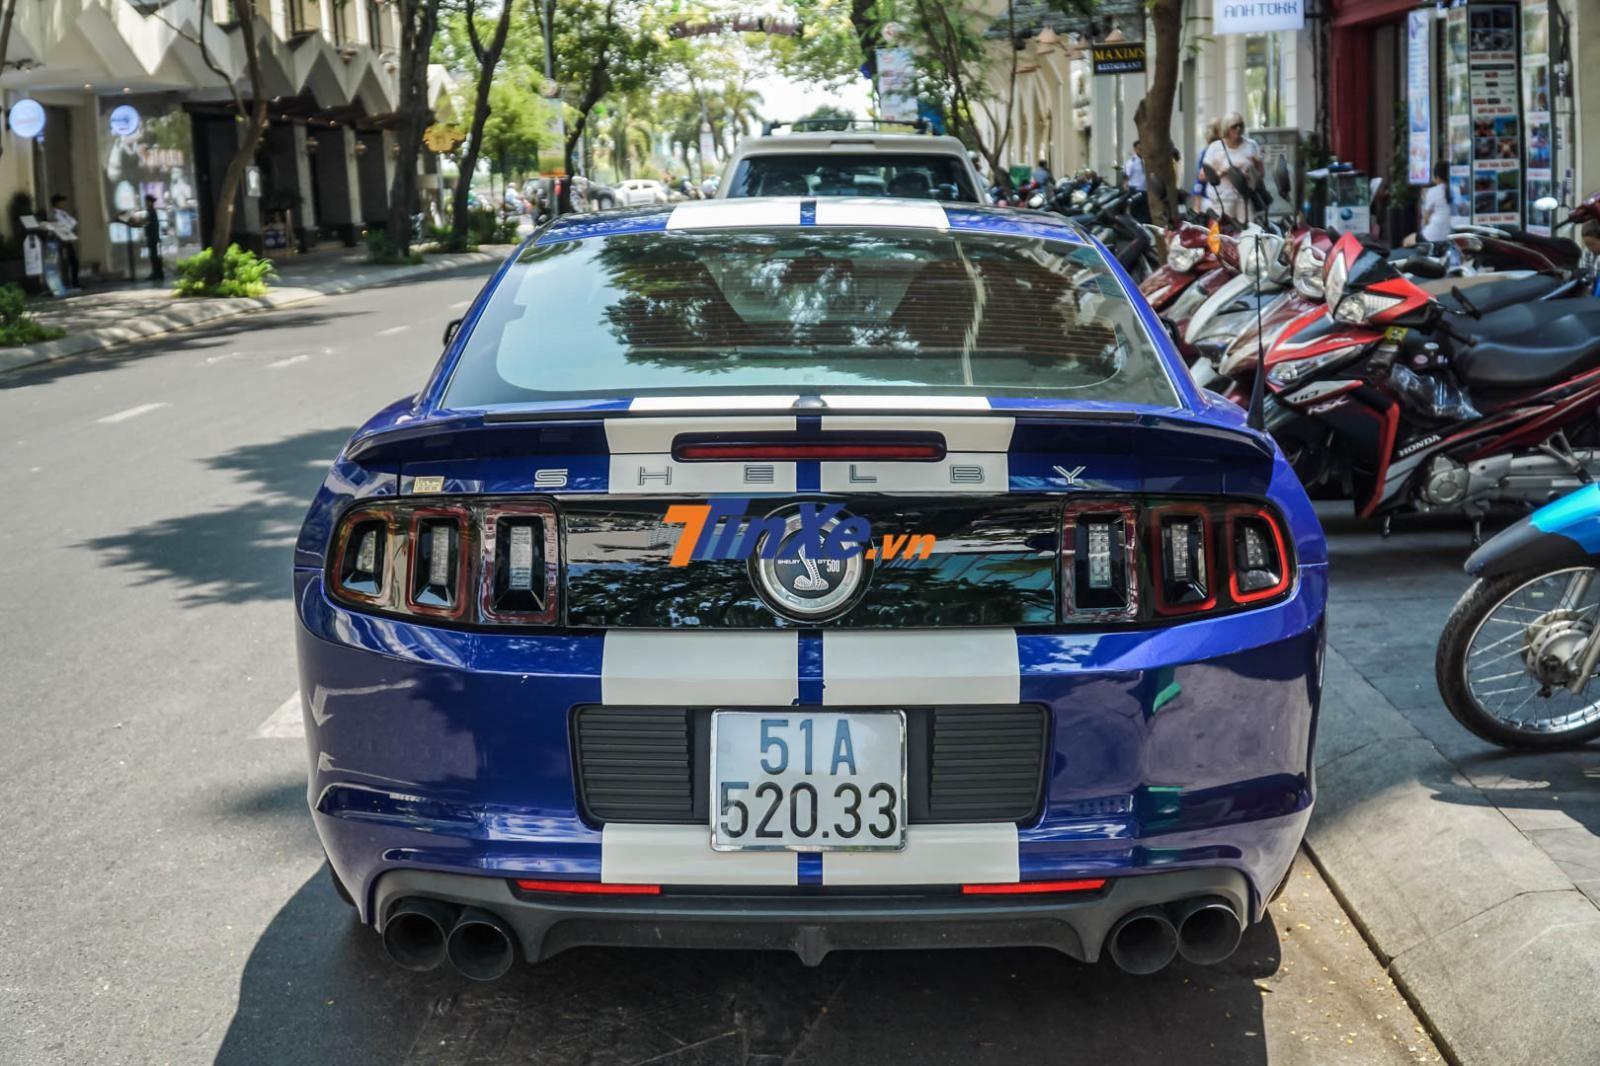 Vẻ đẹp cơ bắp và sức mạnh đáng kinh ngạc của Ford Mustang Shelby GT500 là niềm ao ước cho ai yêu thích dòng xe ngựa hoang